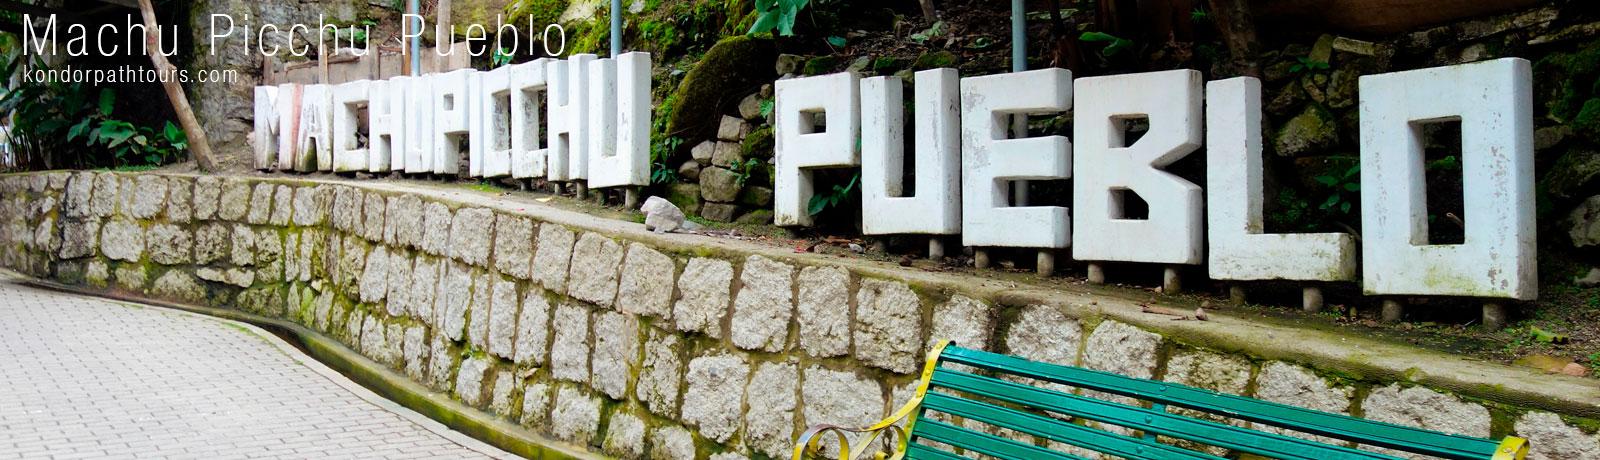 Salkantay Trek Machu Picchu 4 Days - Machu Picchu Town